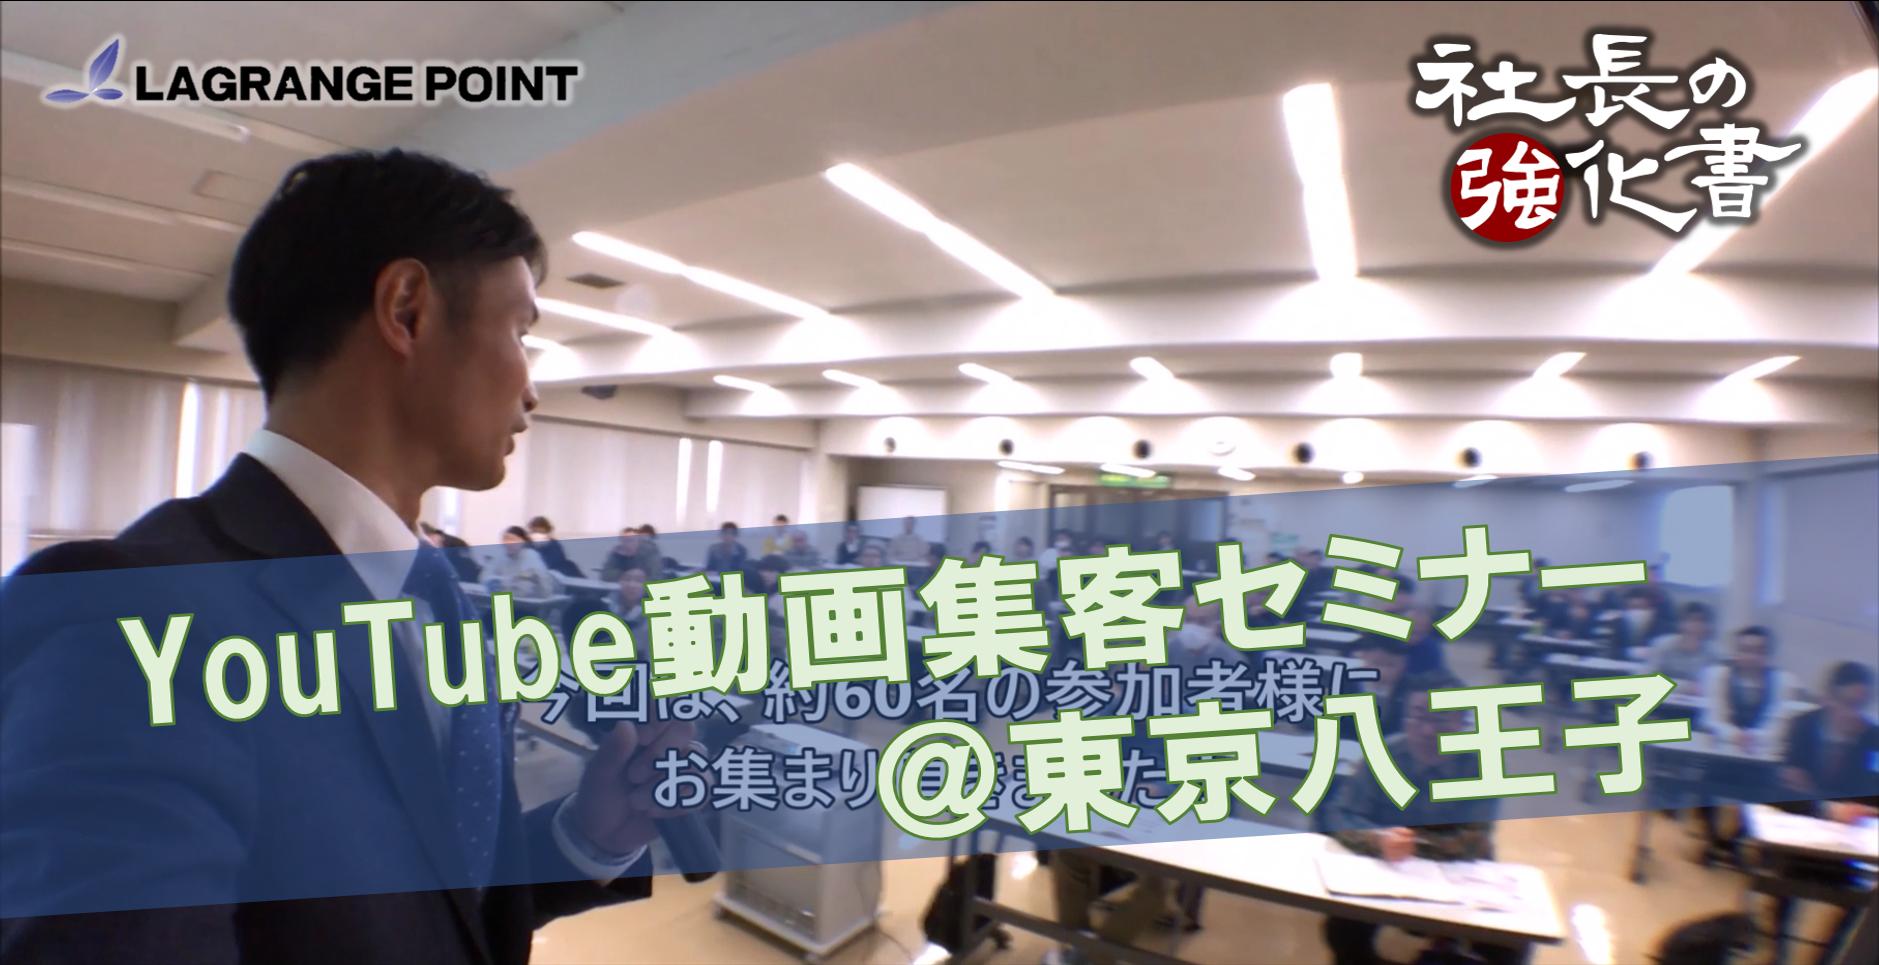 【小規模事業者の為のWebマーケティングセミナー】YouTube×ブログ集客セミナー@東京|開催レポート